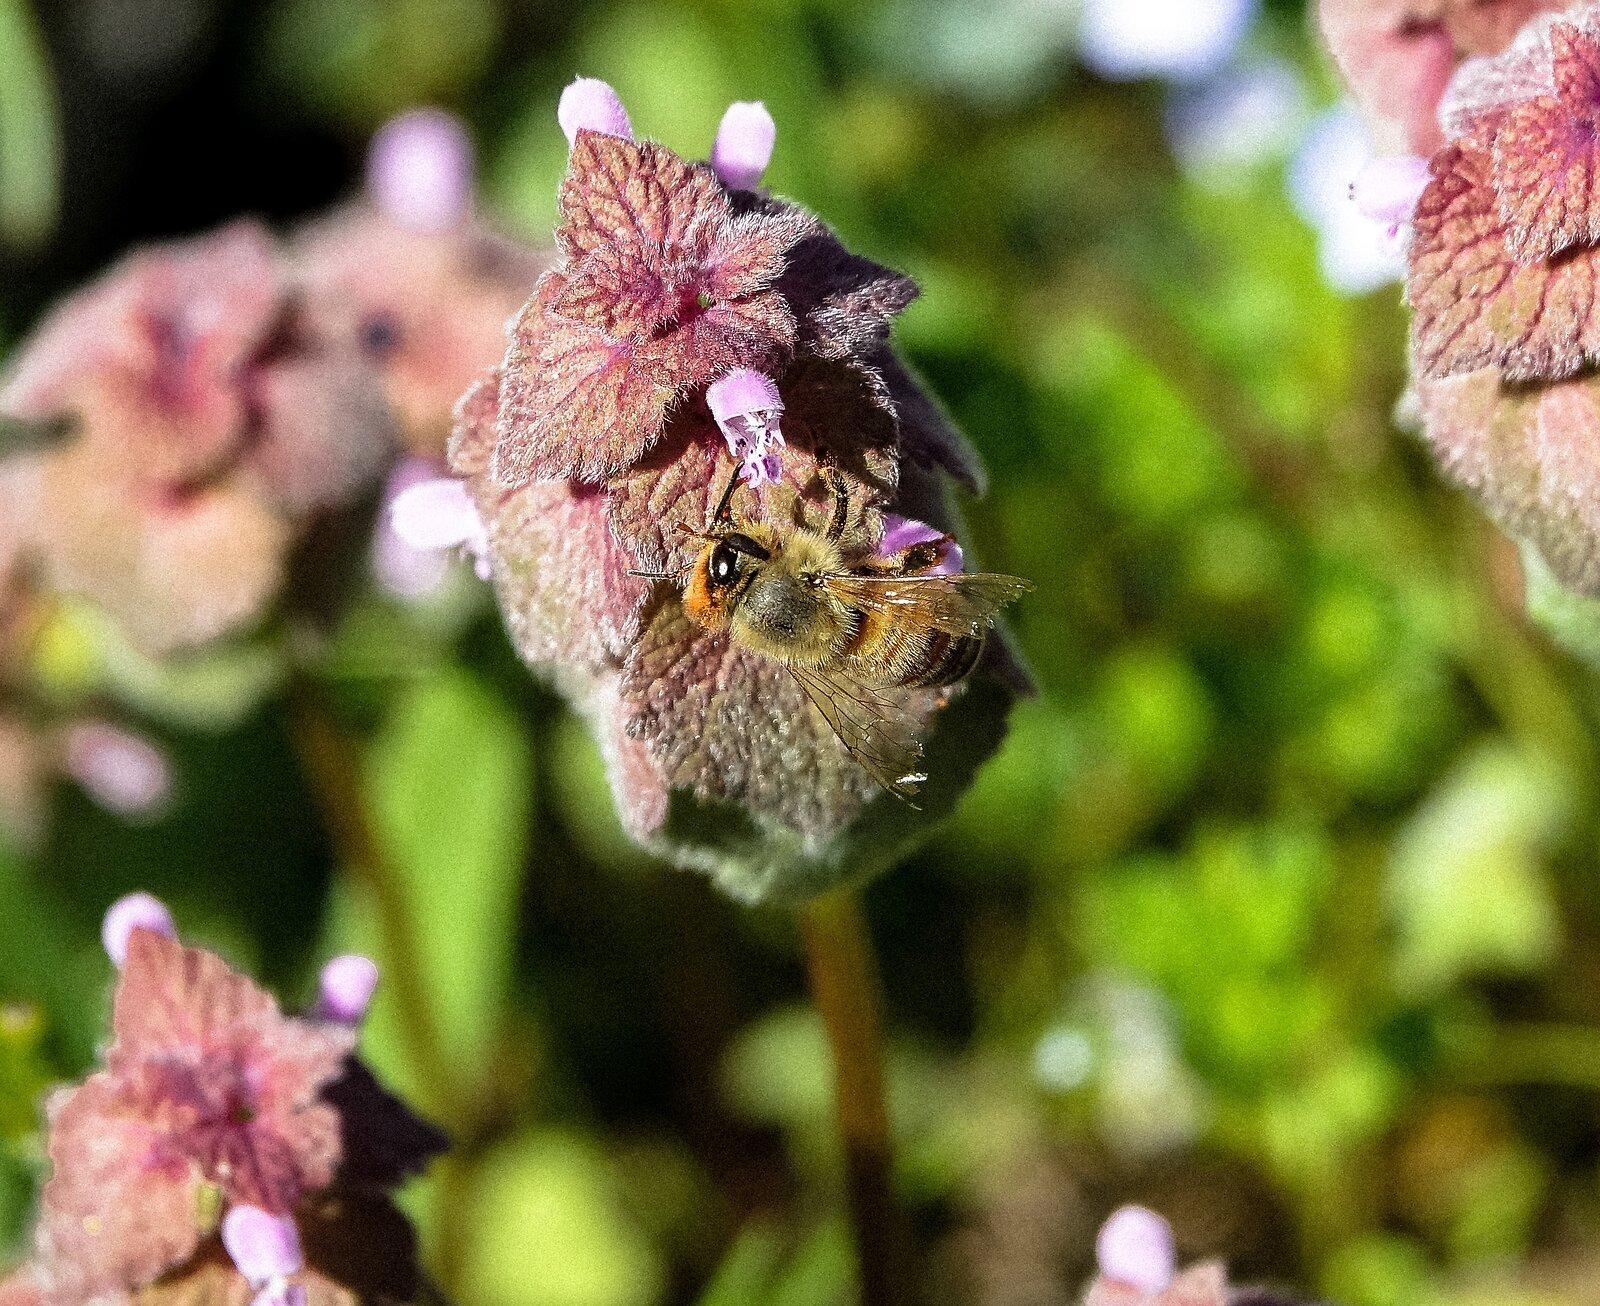 RX10_Apr10_21_red-headed_bee#1.jpg